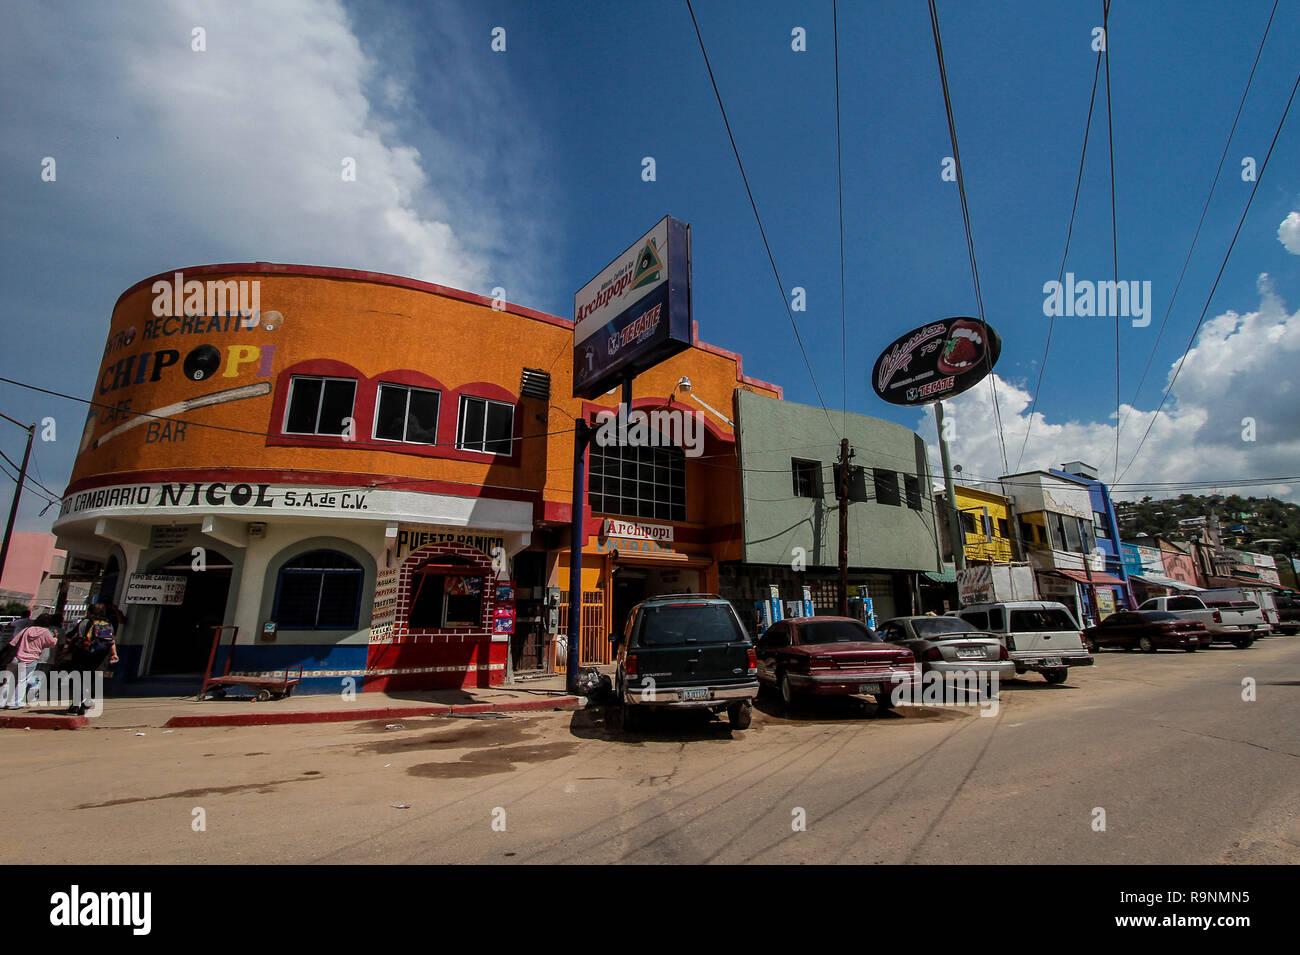 Daily life and around the wall in the border city of Nogales, Sonora, Mexico. Vida cotidiana y alrededor de la muralla en la ciudad fronteriza - Stock Image